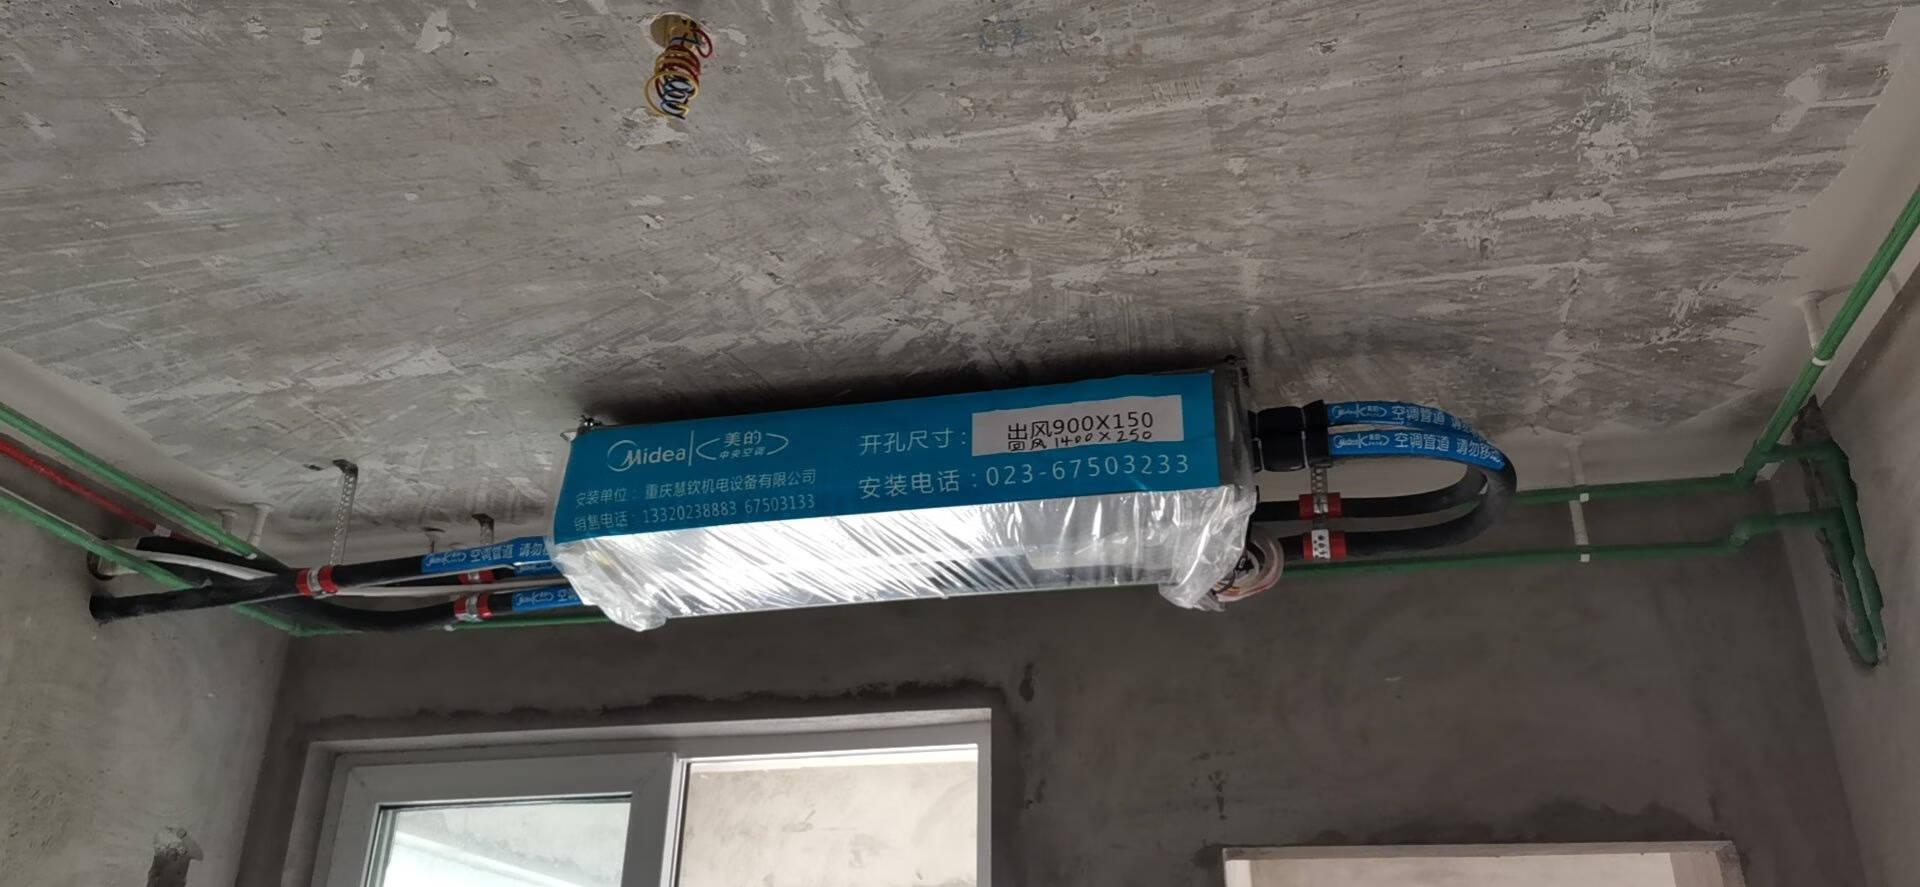 美的(Midea)中央空调风管机一拖一2匹直流变频二级能效智能家电包安装GRD51T2W/BP2N1-TR(2)Ⅱ